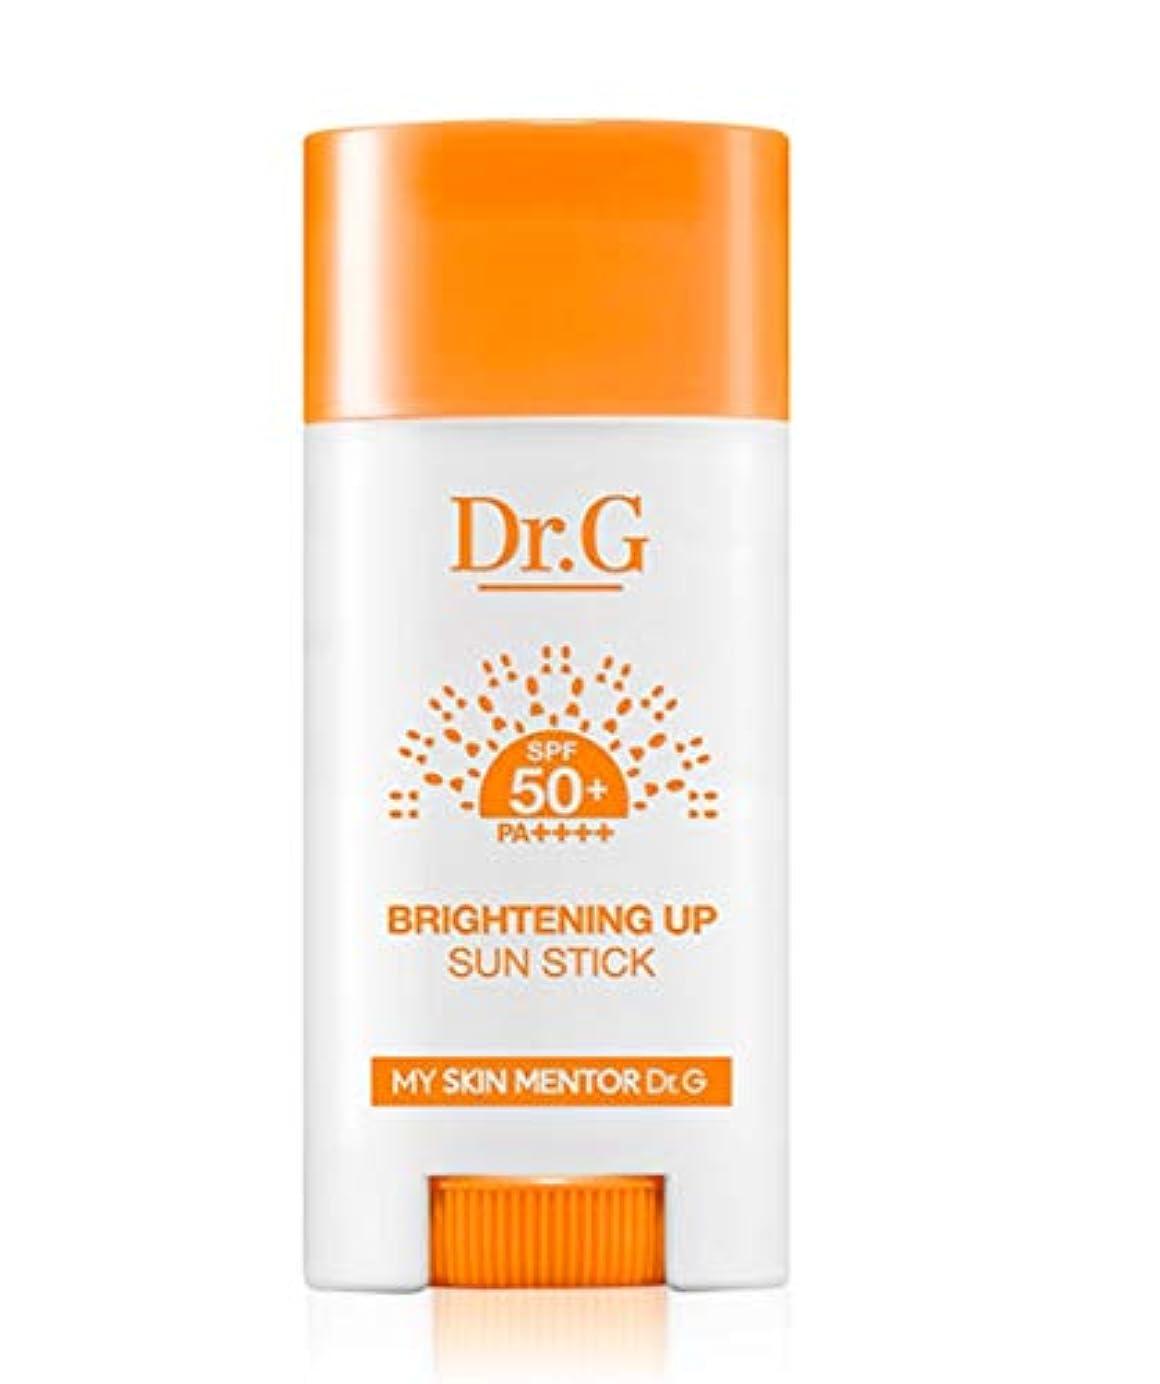 歯痛駐地気取らないDr.G BRIGHTEING UP Sun Stick 15g SPF50+ PA++++ 日焼け止めパーフェクトUVネック?手?足の甲?部分的に塗って修正スティック [並行輸入品]